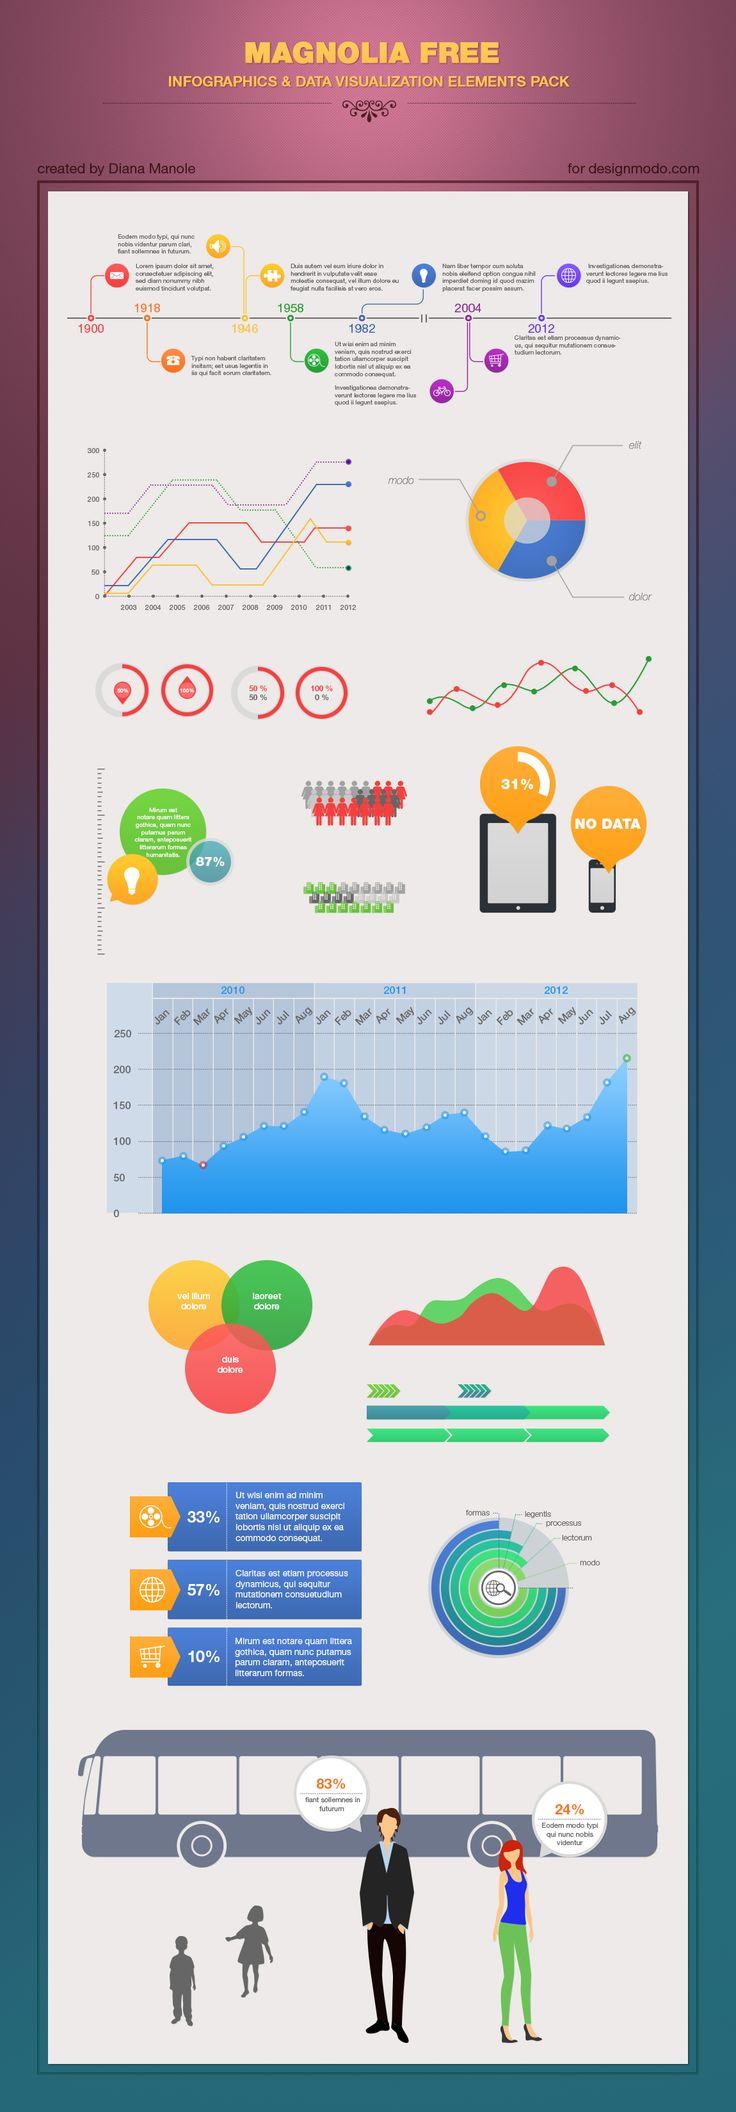 Infographic-PSD-Template-Full.jpg (1150×3300)